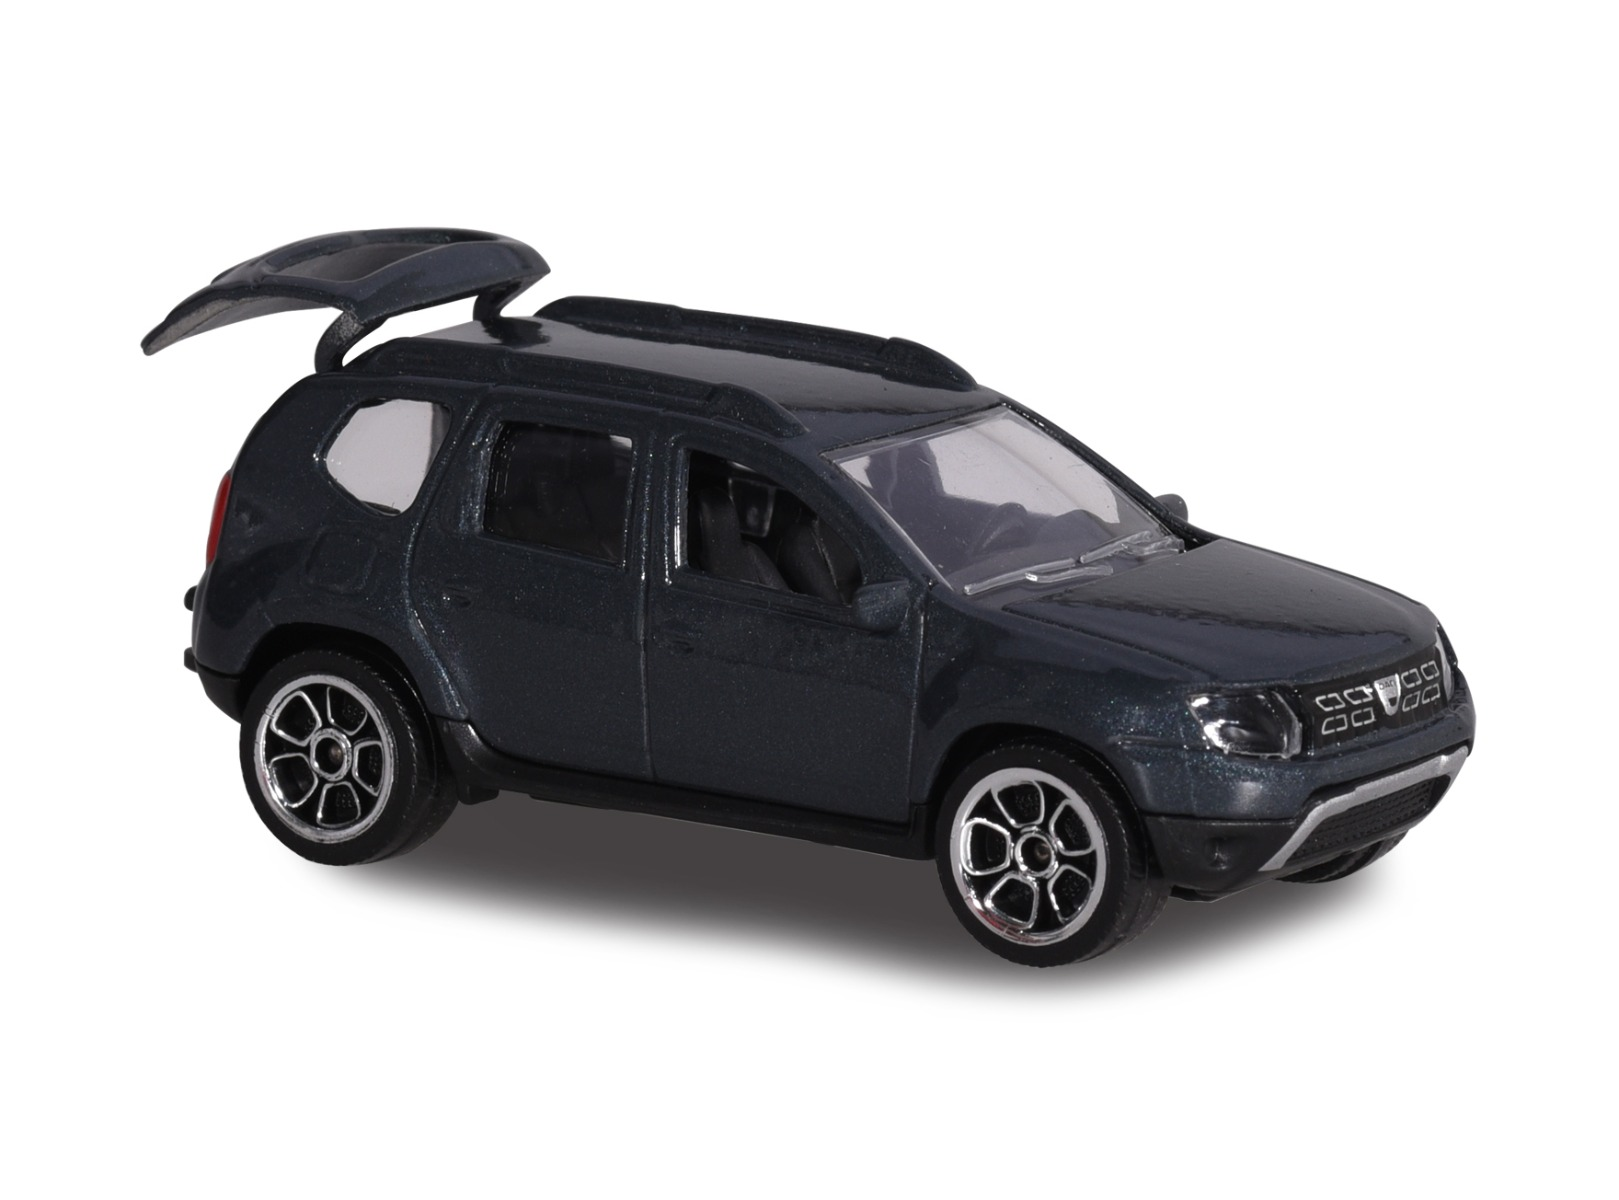 Masinuta Dacia Duster Majorette, 7.5 cm, Negru